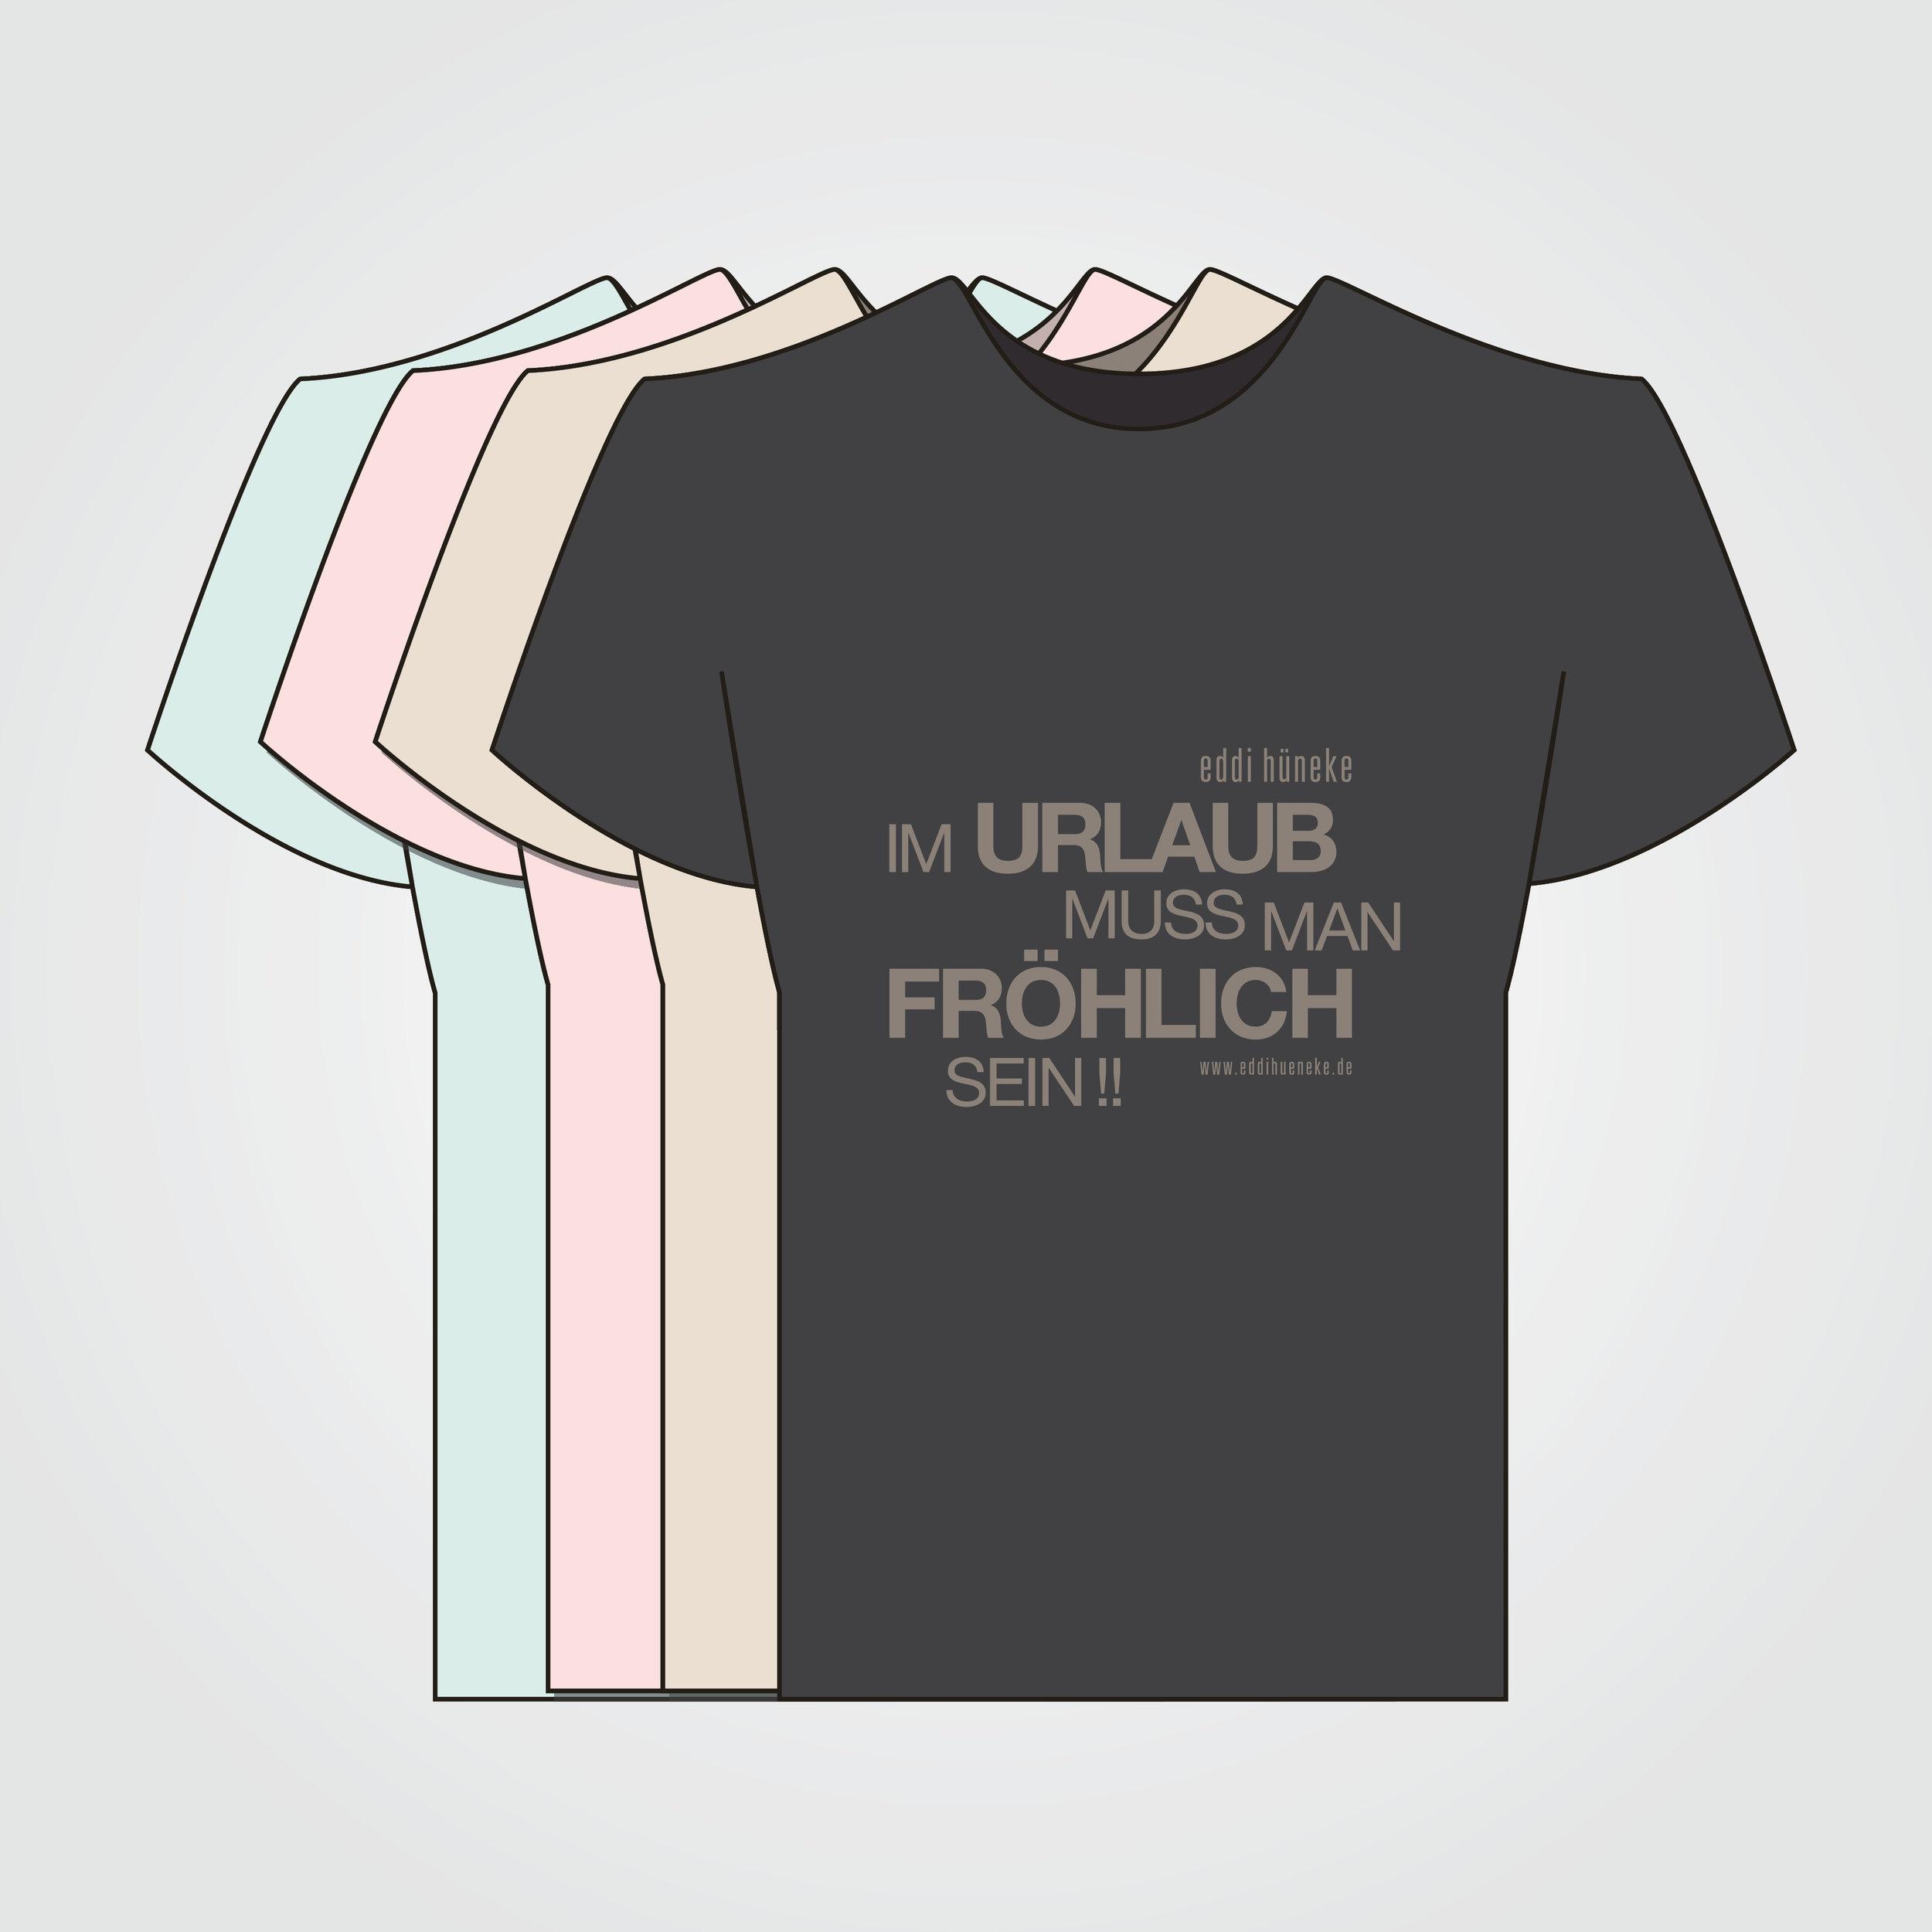 GOTS: - Durchgängig bio- und sozial nachhaltig GOTS-zertifizierte T-shirts mit toller Qualität - jetzt in meinem Shop vorbestellen.